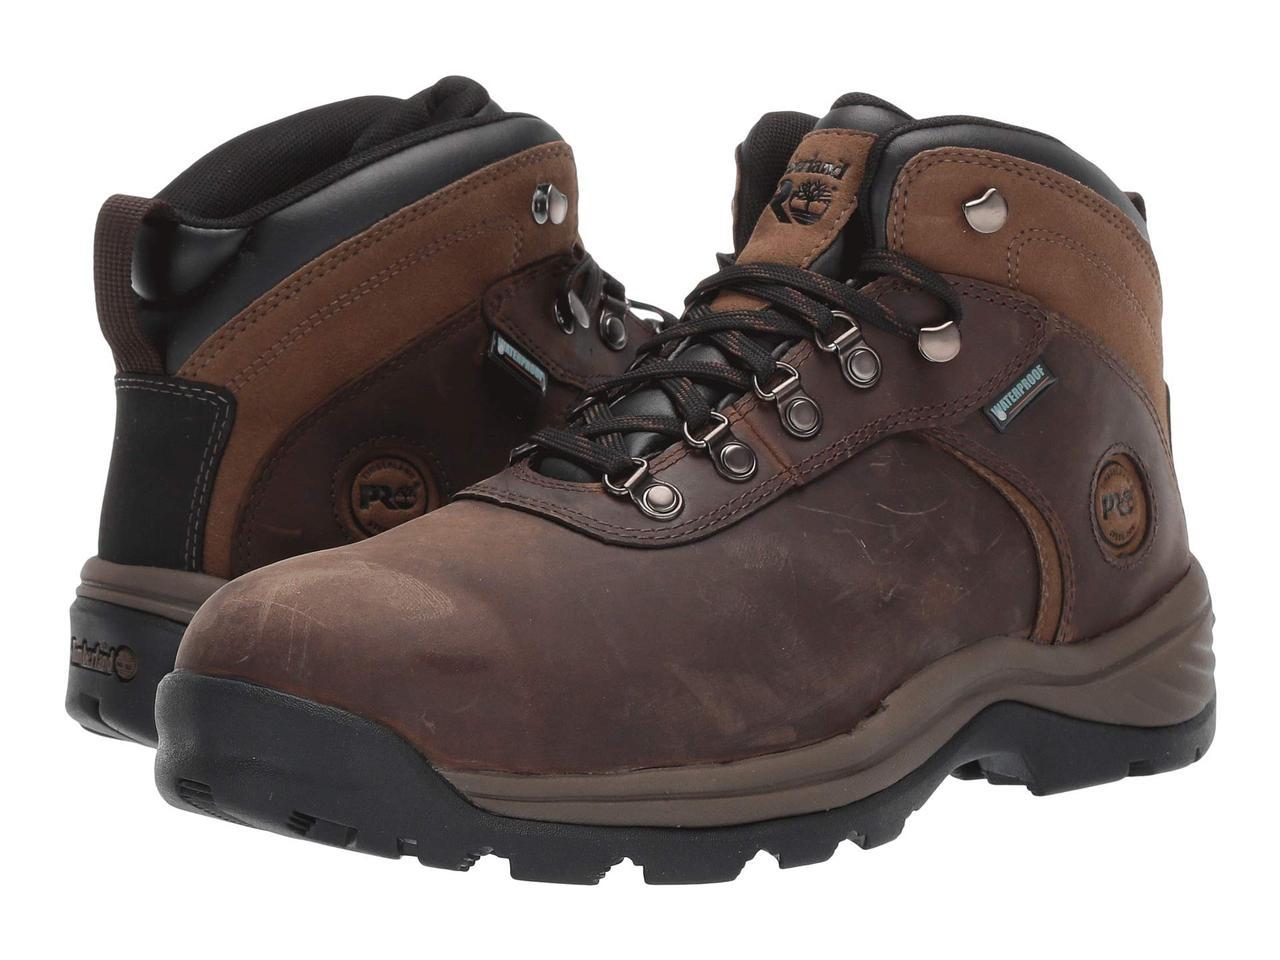 Ботинки/Сапоги (Оригинал) Timberland PRO Flume Mid Work Steel Safety Toe Waterproof Brown Nubuck Leather